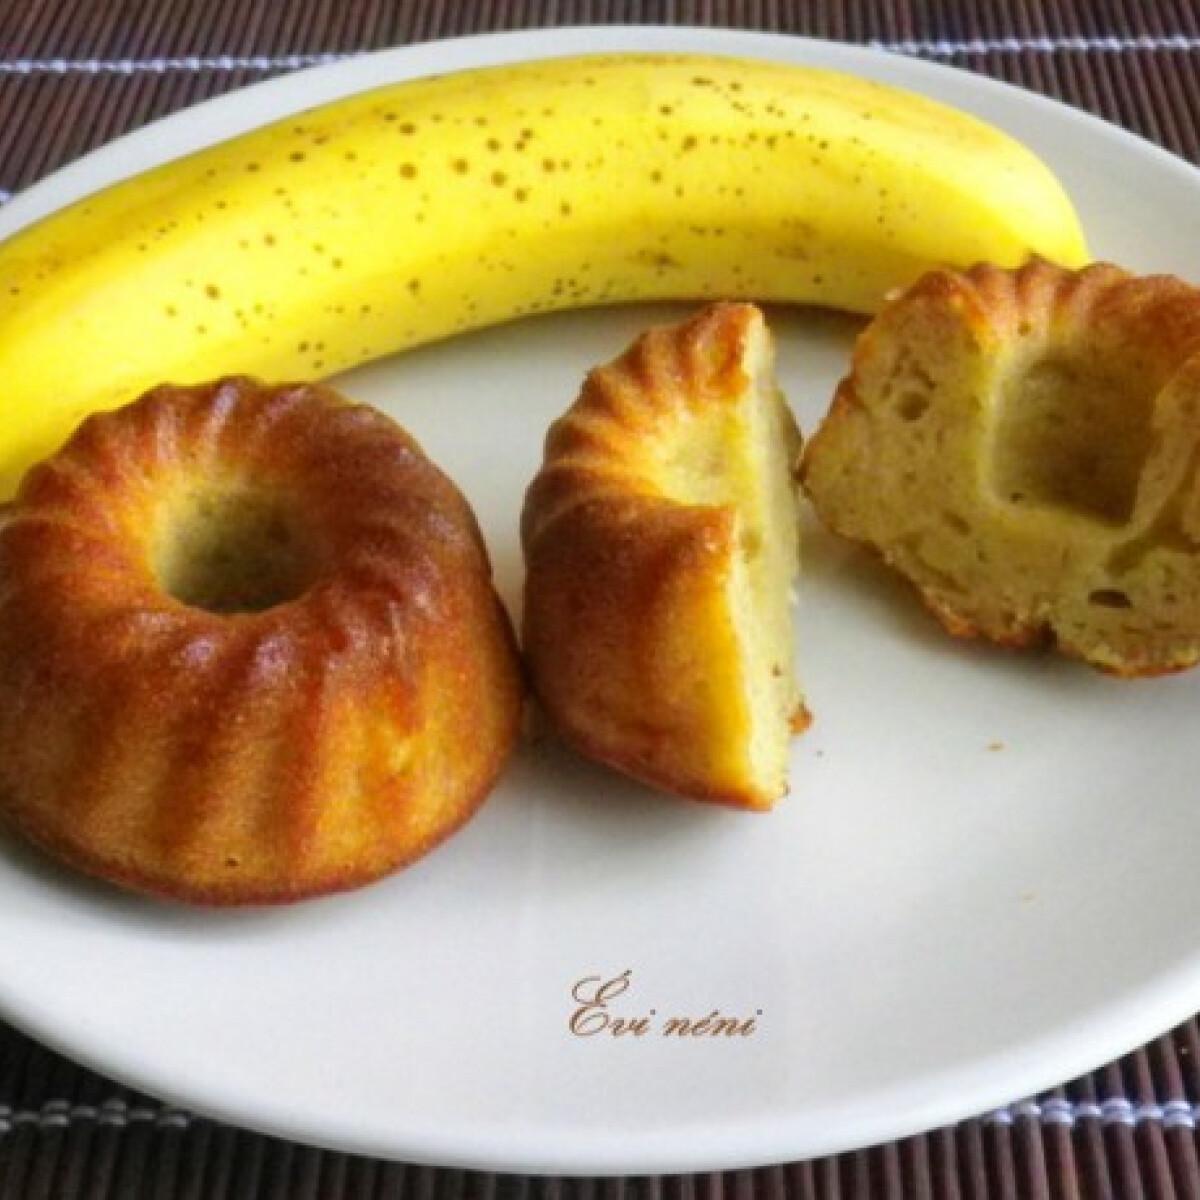 Ezen a képen: Banános muffin Évi nénitől